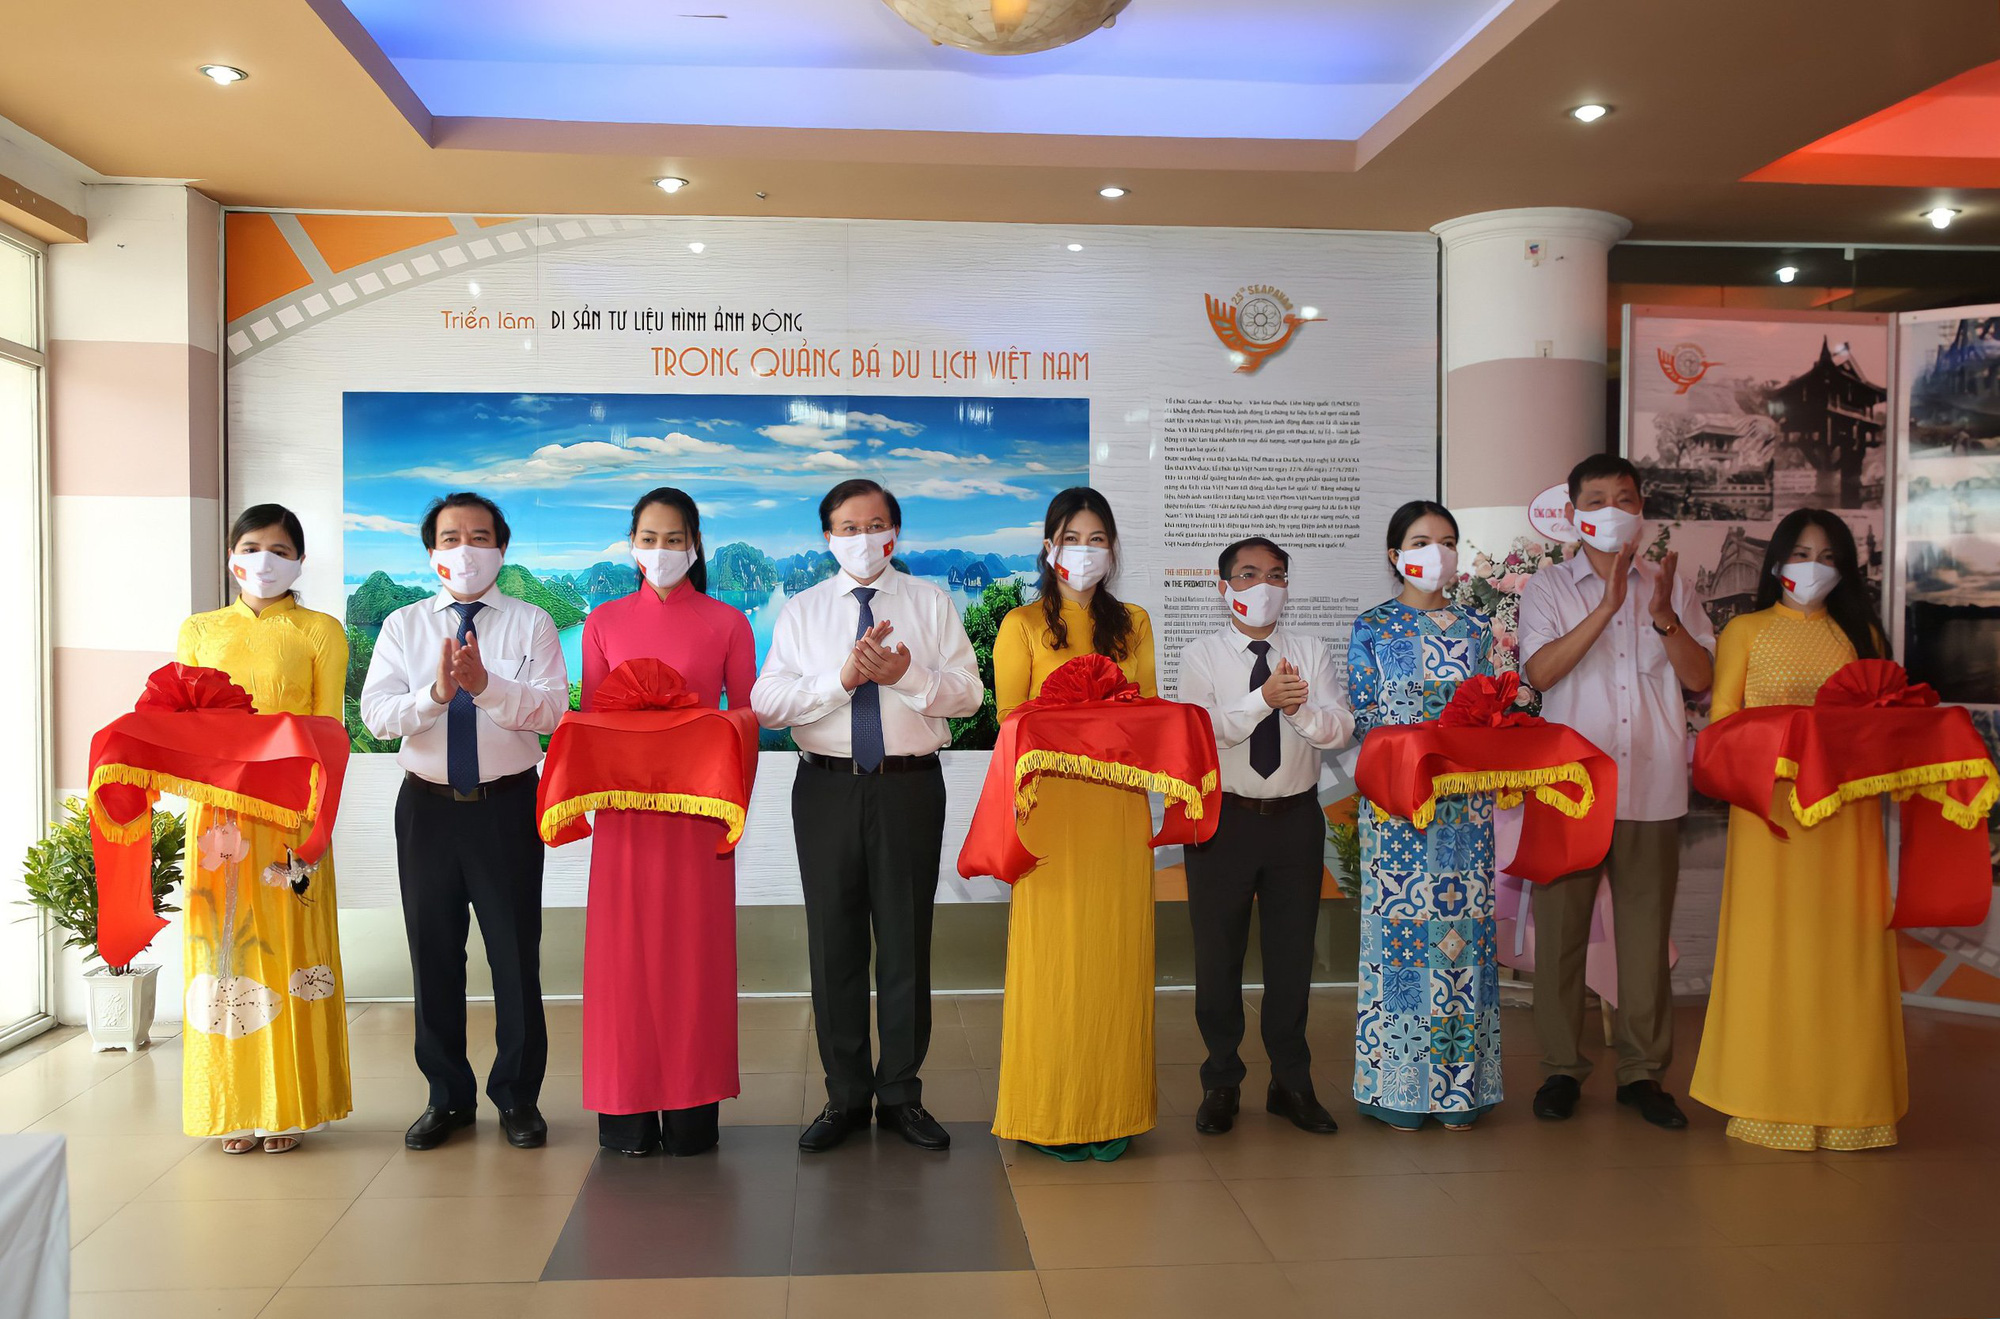 Triển lãm 120 bối cảnh gắn với các bộ phim nổi tiếng, quảng bá du lịch Việt Nam - Ảnh 1.